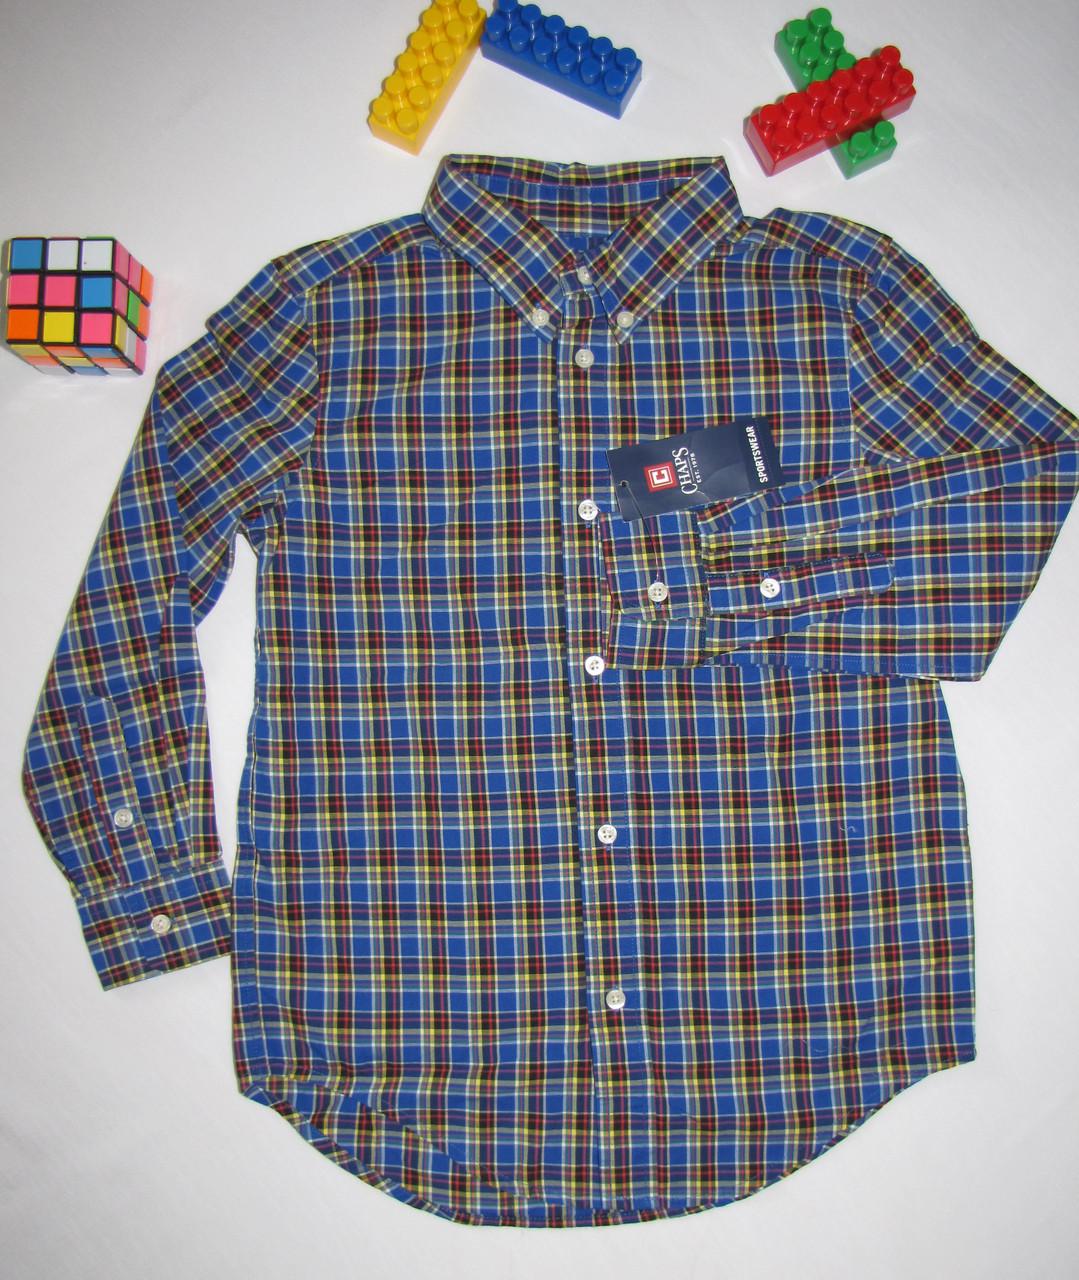 Рубашка Chaps оригинал рост 122 см 07056